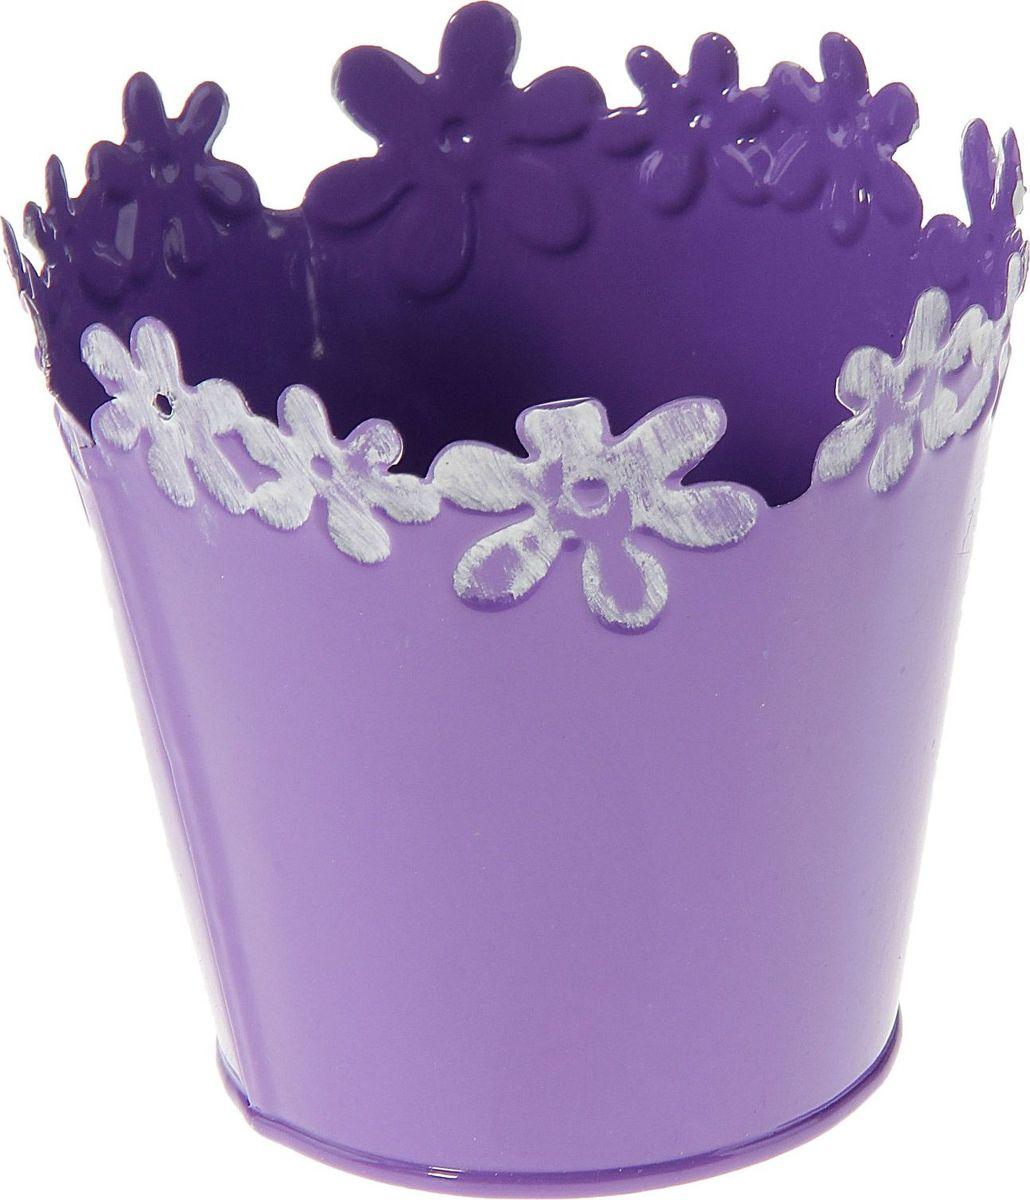 Кашпо Цветочный край. Круг, цвет: фиолетовый, 1 л139752Комнатные растения — всеобщие любимцы. Они радуют глаз, насыщают помещение кислородом и украшают пространство. Каждому из растений необходим свой удобный и красивый дом. Металлические декоративные вазы для горшков практичны и долговечны. #name# позаботится о зелёном питомце, освежит интерьер и подчеркнёт его стиль. Особенно выигрышно они смотрятся в экстерьере: на террасах и в беседках. При желании его всегда можно перекрасить в другой цвет.